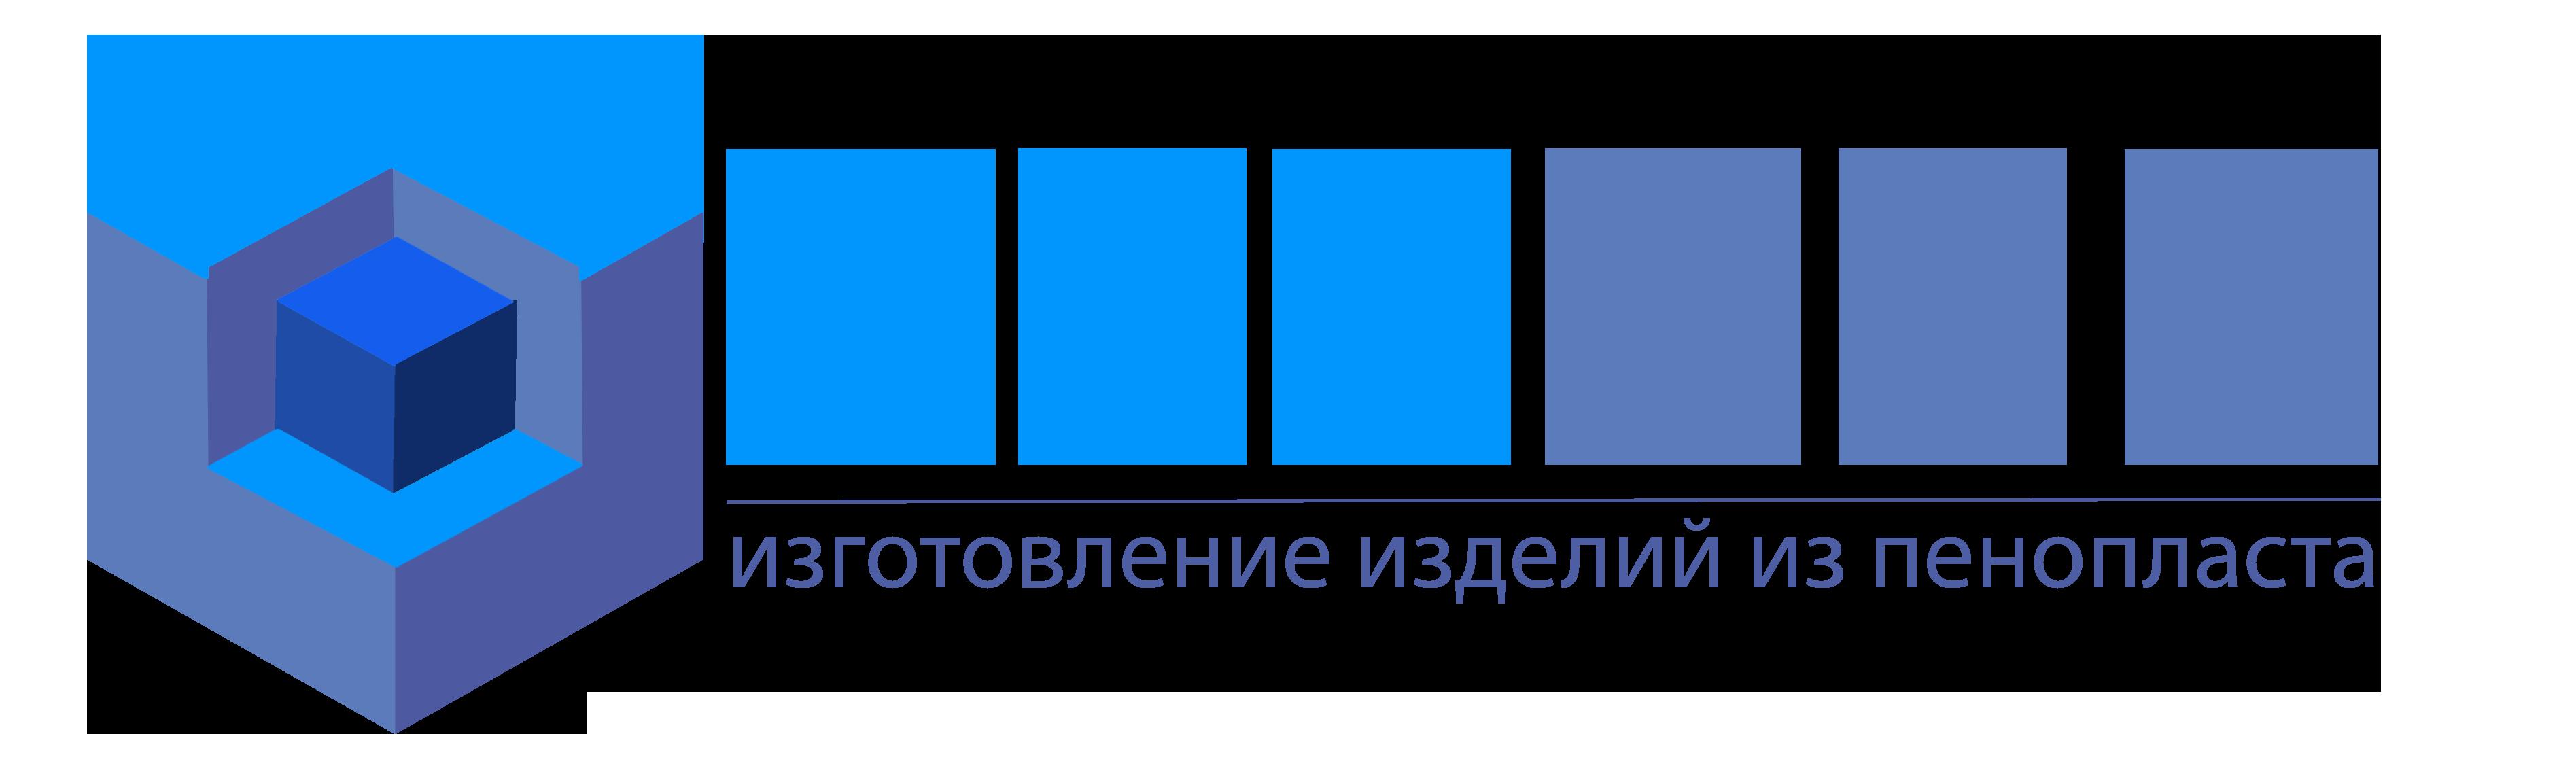 Редизайн логотипа фото f_3775a4ea7d39aa4a.png